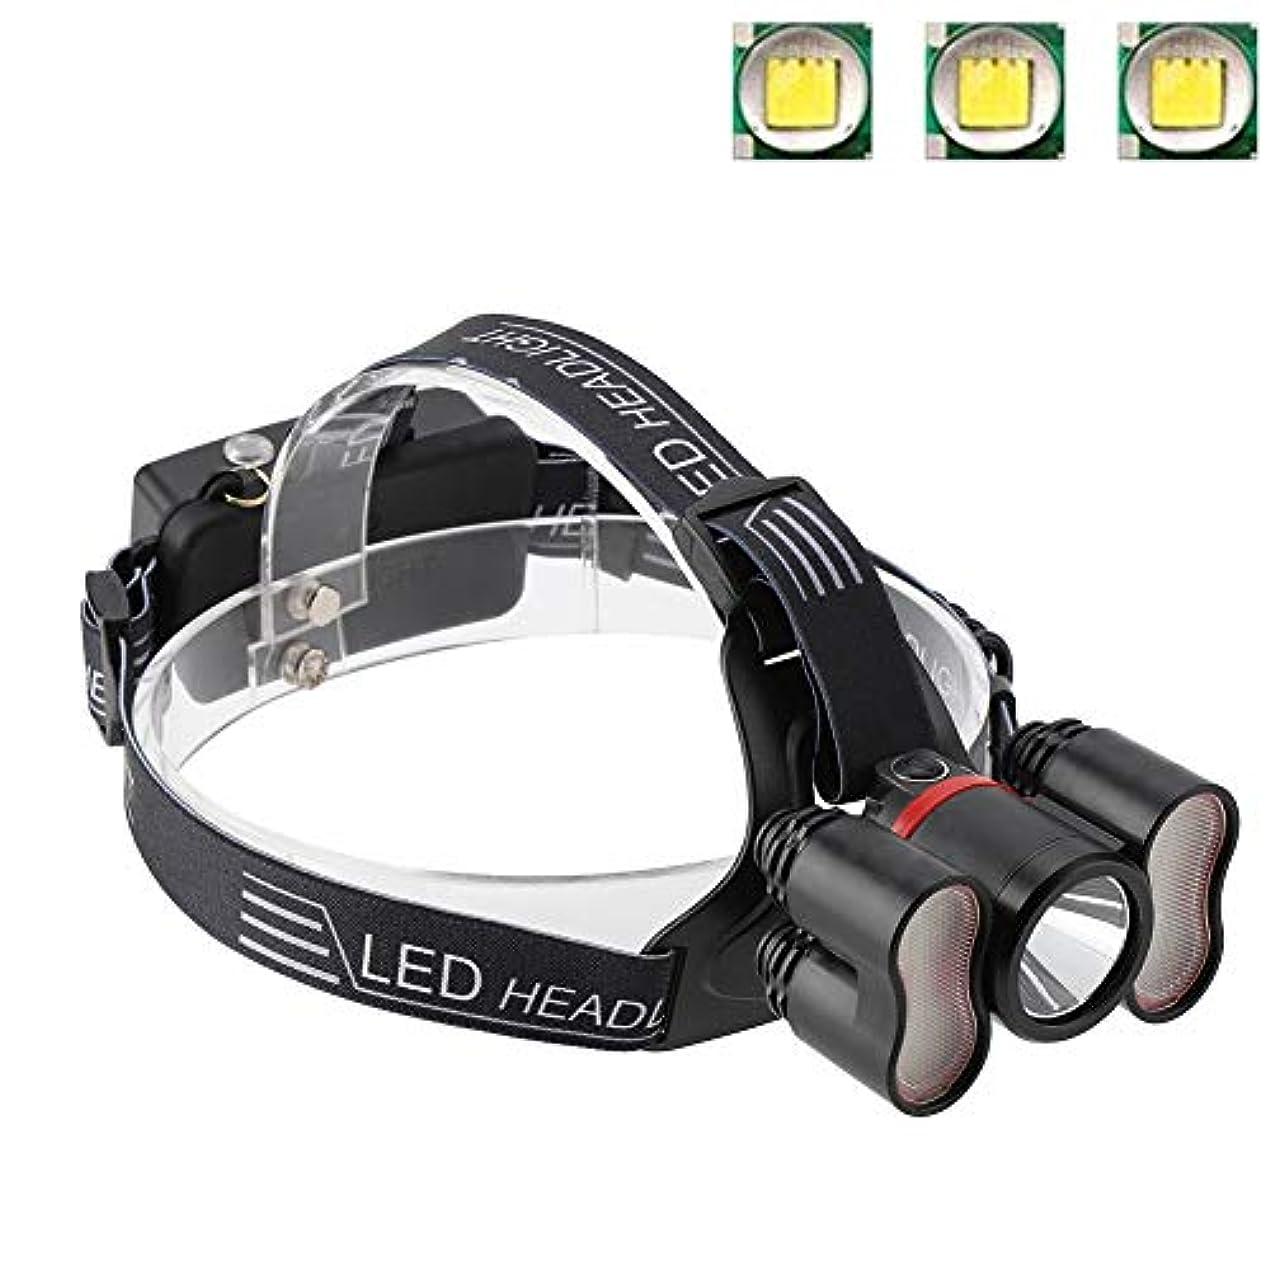 木材ズーム換気ヘッドライト懐中電灯、2000LMヘッドライト18650 LED USB充電式防水トラベルヘッドトーチキャンプランプランニングハイキング釣りに適して(#1)